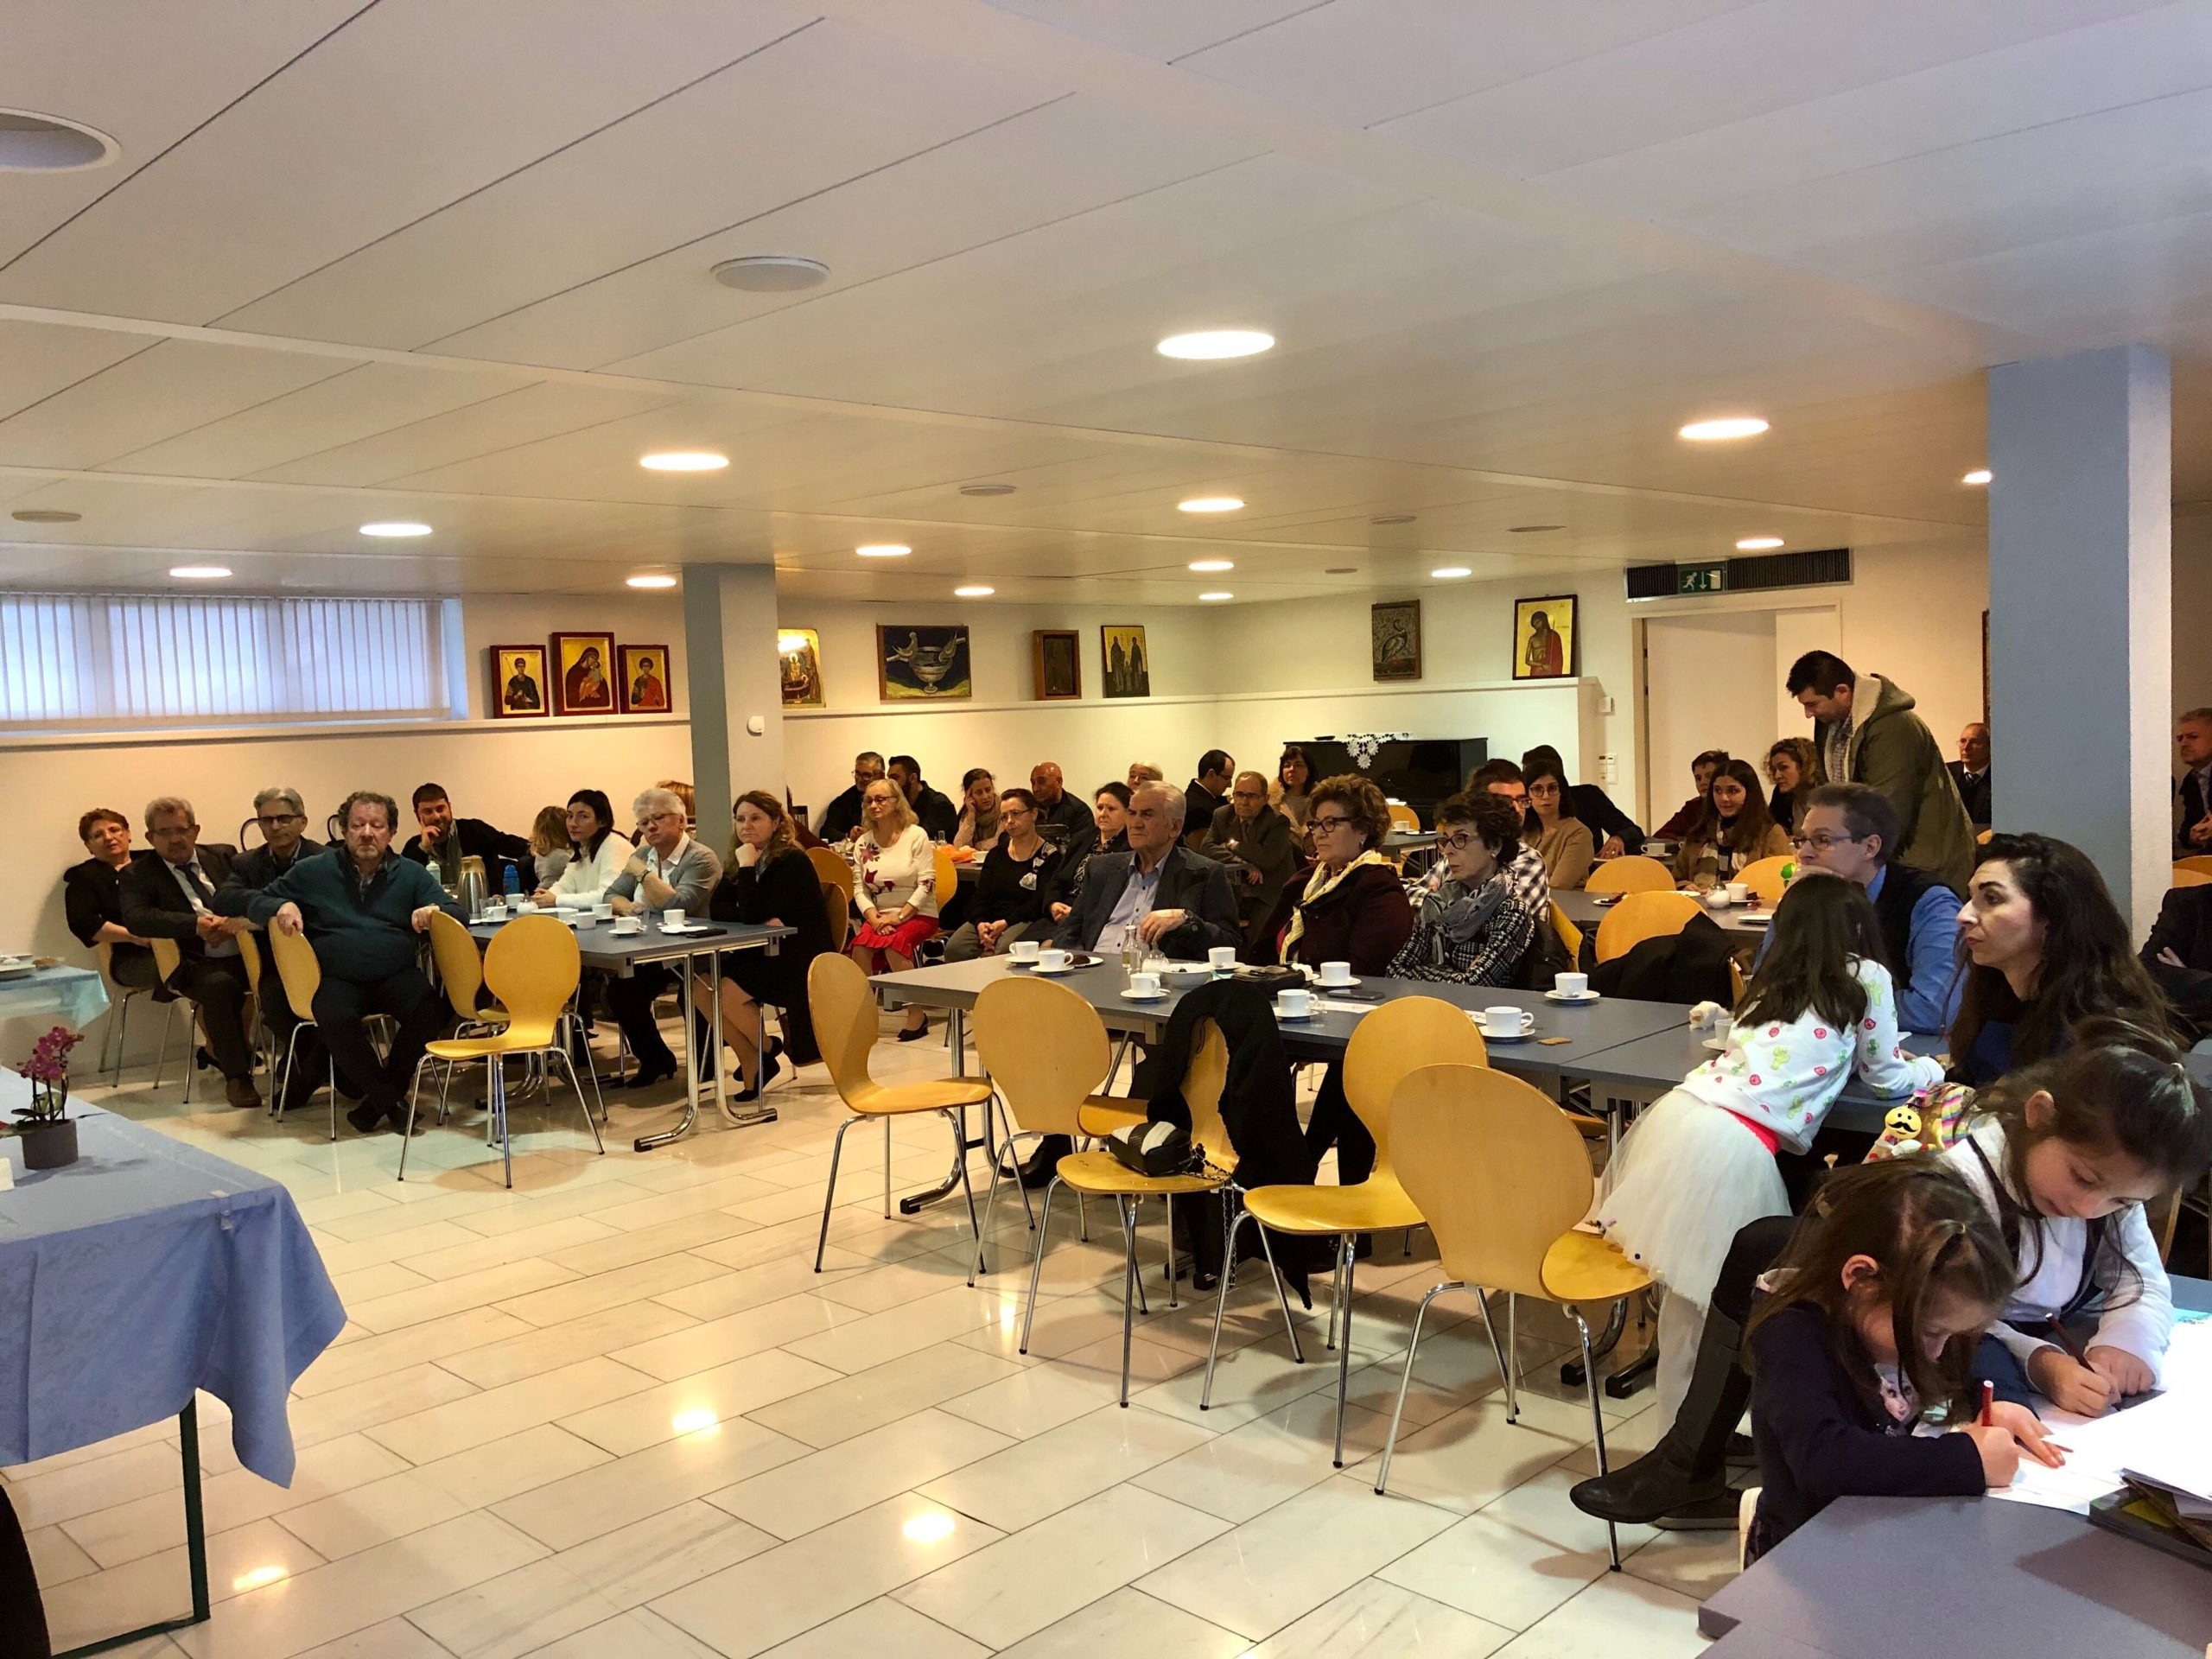 Ομιλία για τους νέους στην Ορθόδοξη ενορία της βασιλείας της Ιεράς Μητροπόλεως Ελβετίας